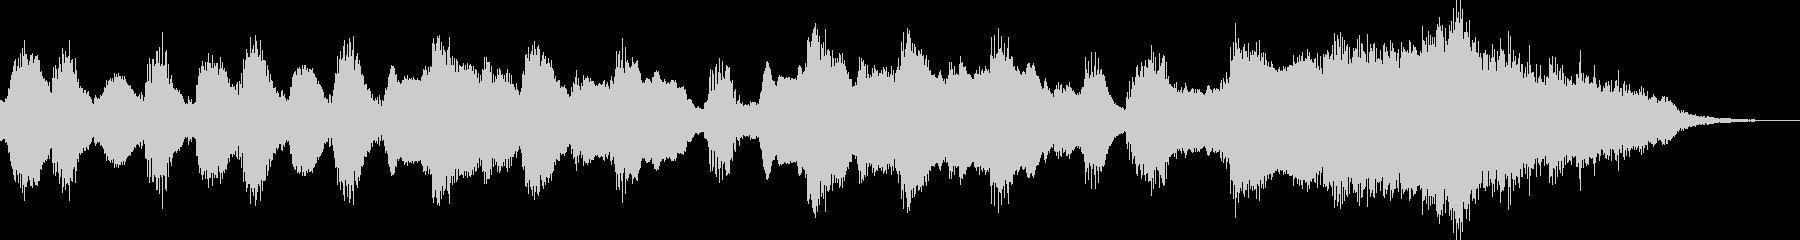 フルートが奏でるほのぼのジングル・後半の未再生の波形